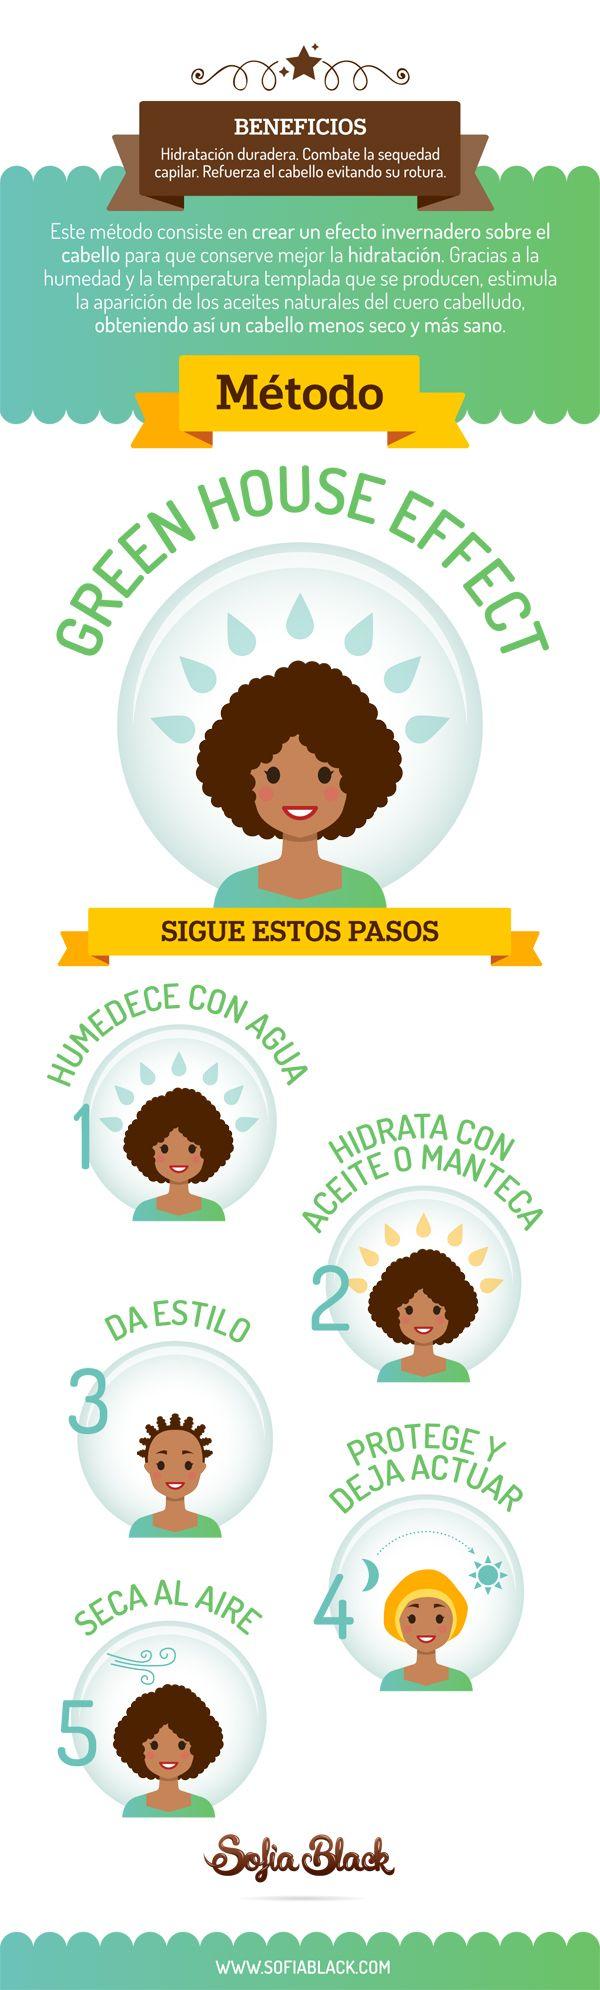 Hidratación duradera con el Método Green House Effect ( GHE )  / Refuerza el cabello evitando su rotura / Consejos y cuidados para el cabello natural #afro y #rizado / #Tutorial ~ #SofiaBlack